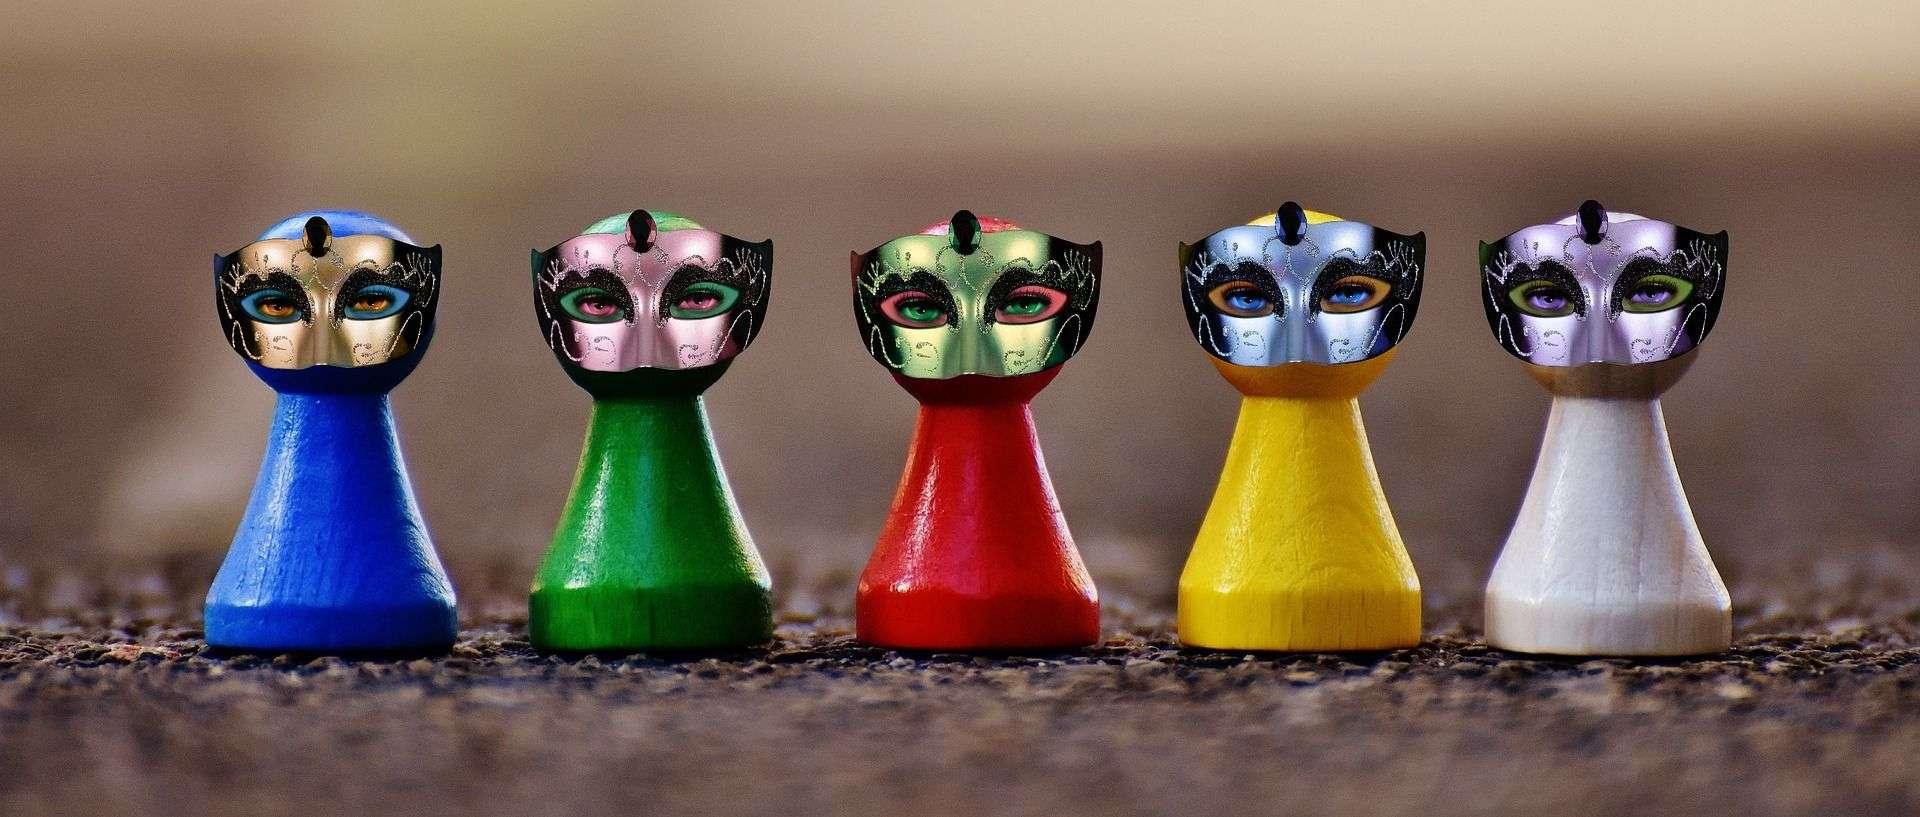 masks-2009603_1920.jpg